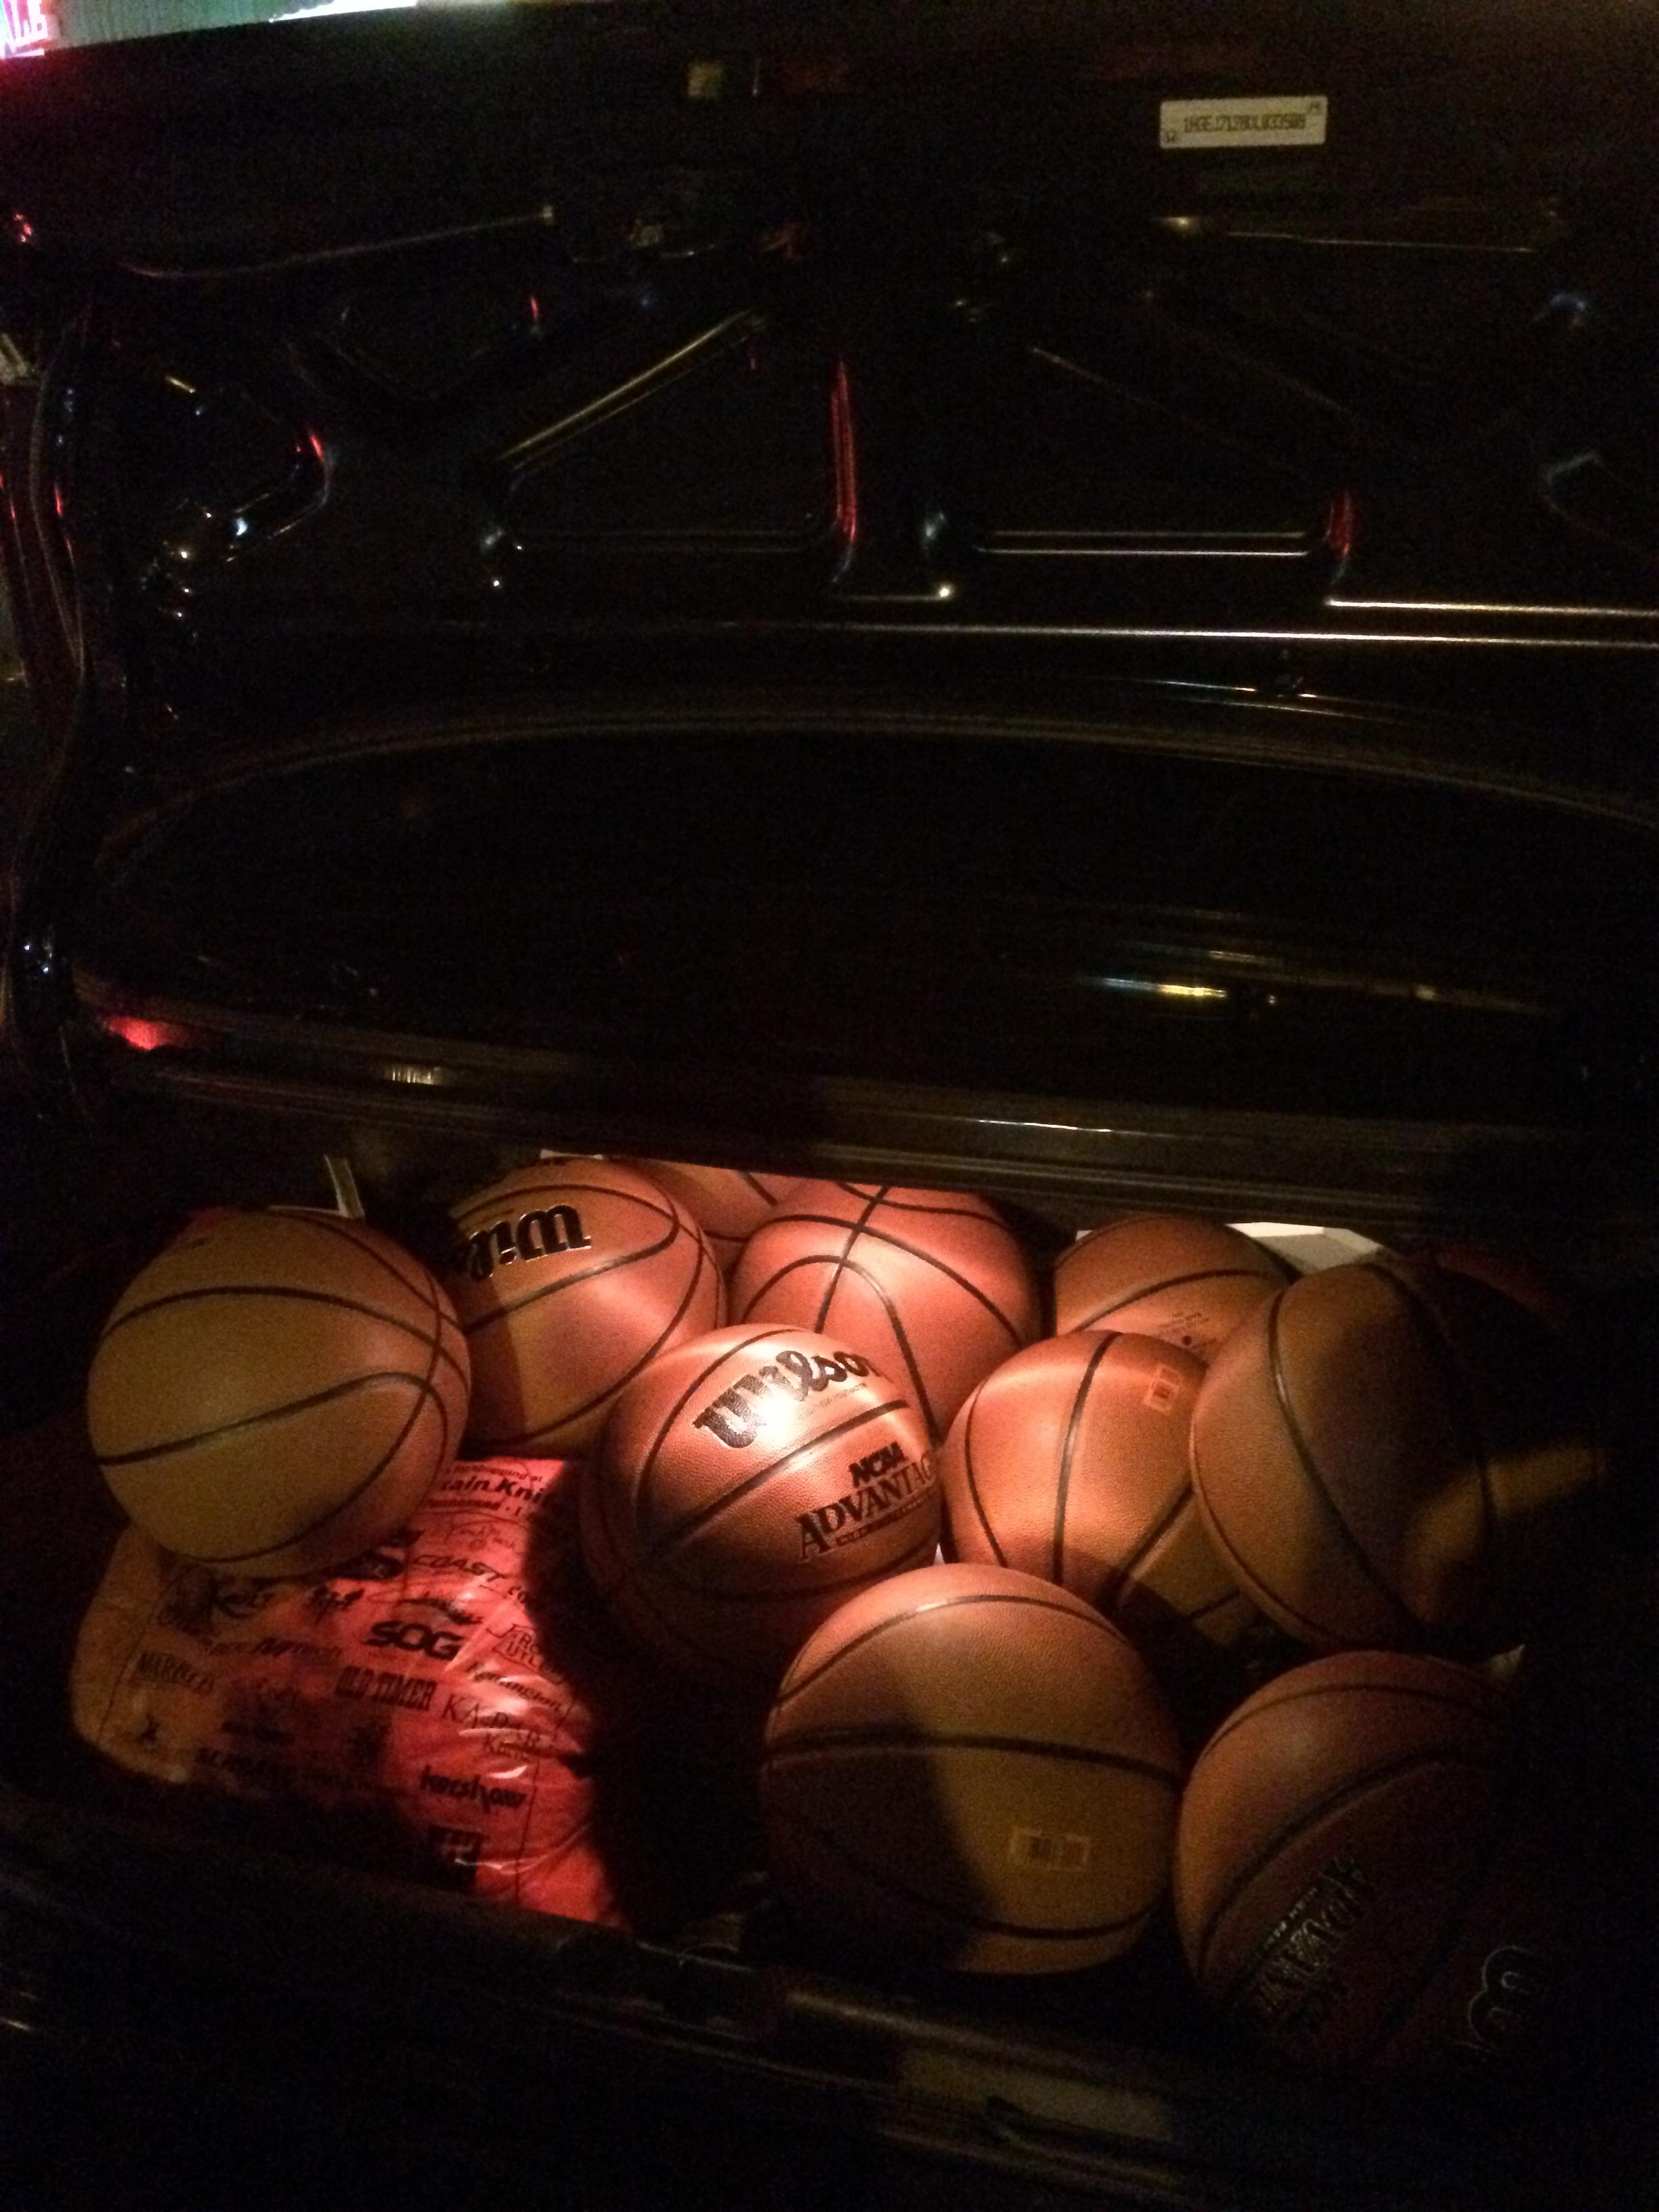 Buying Basketballs 2014 13.jpg